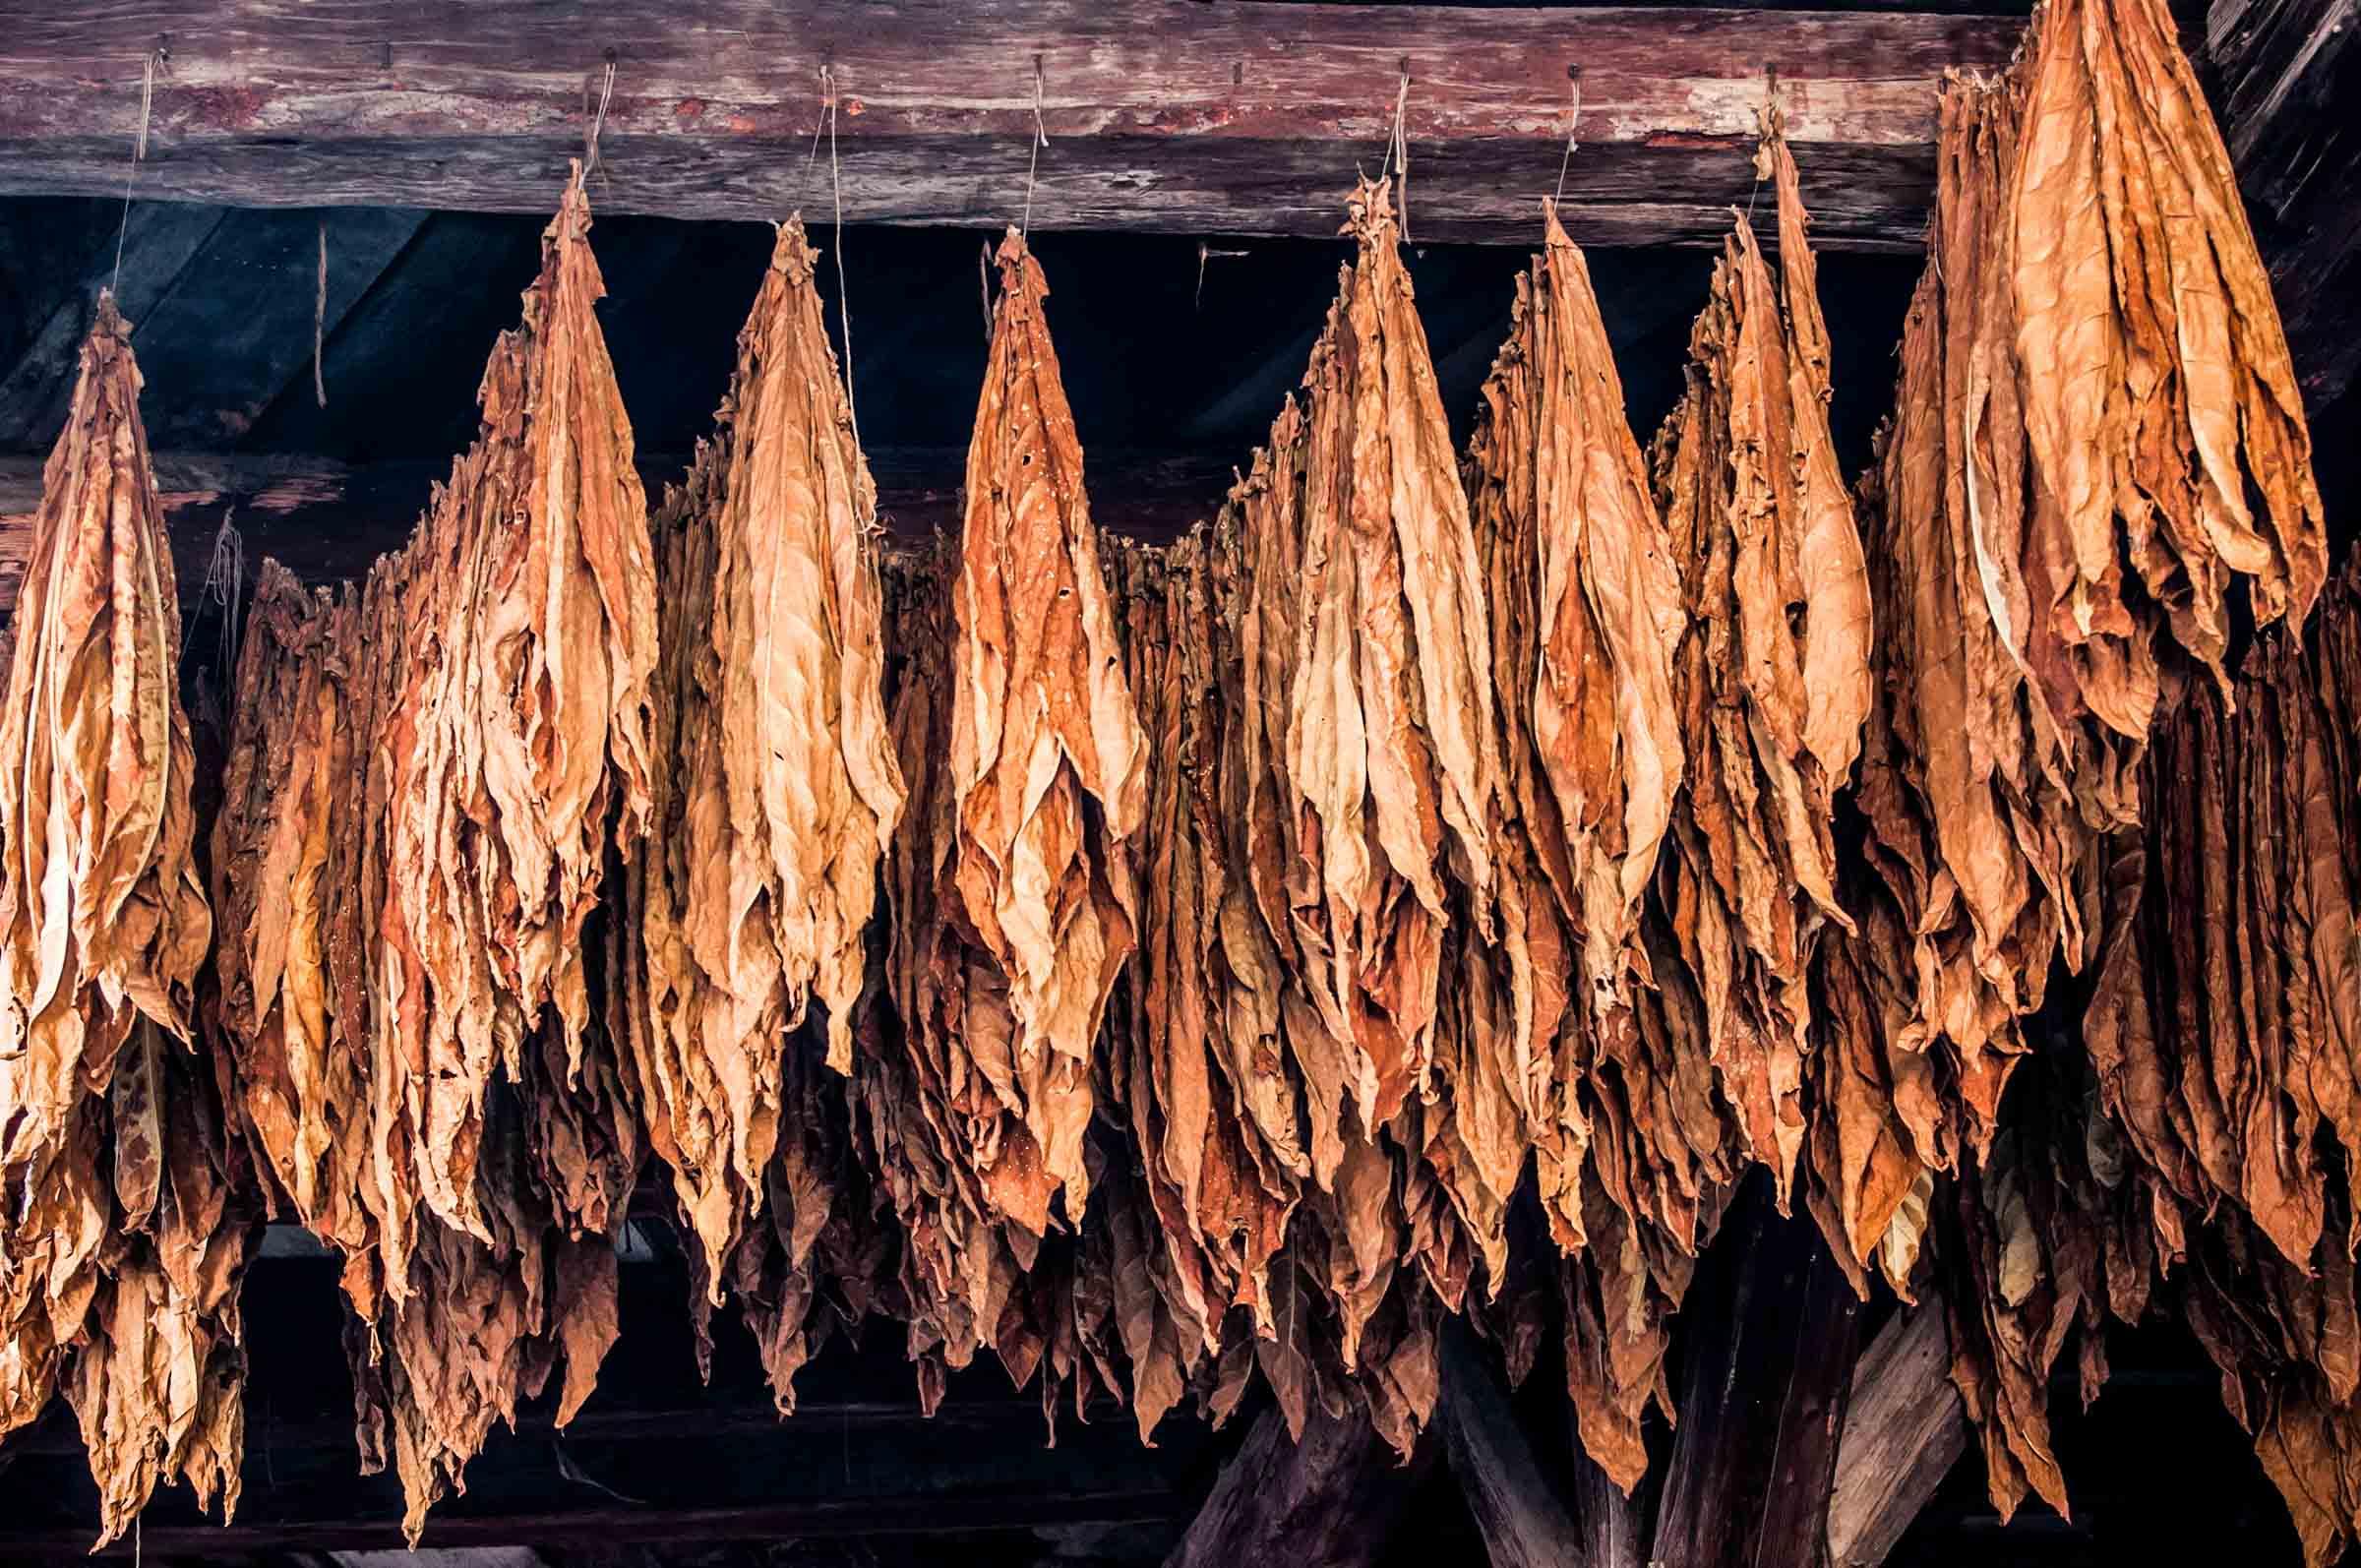 Zigarrendreher | Zigarrenroller | Kuba | Tabak | Deckblatt | Handgedreht | Havanna | Zigarre | Bandarole | Umblatt | Event | Buchen | Zigarrenmanufaktur